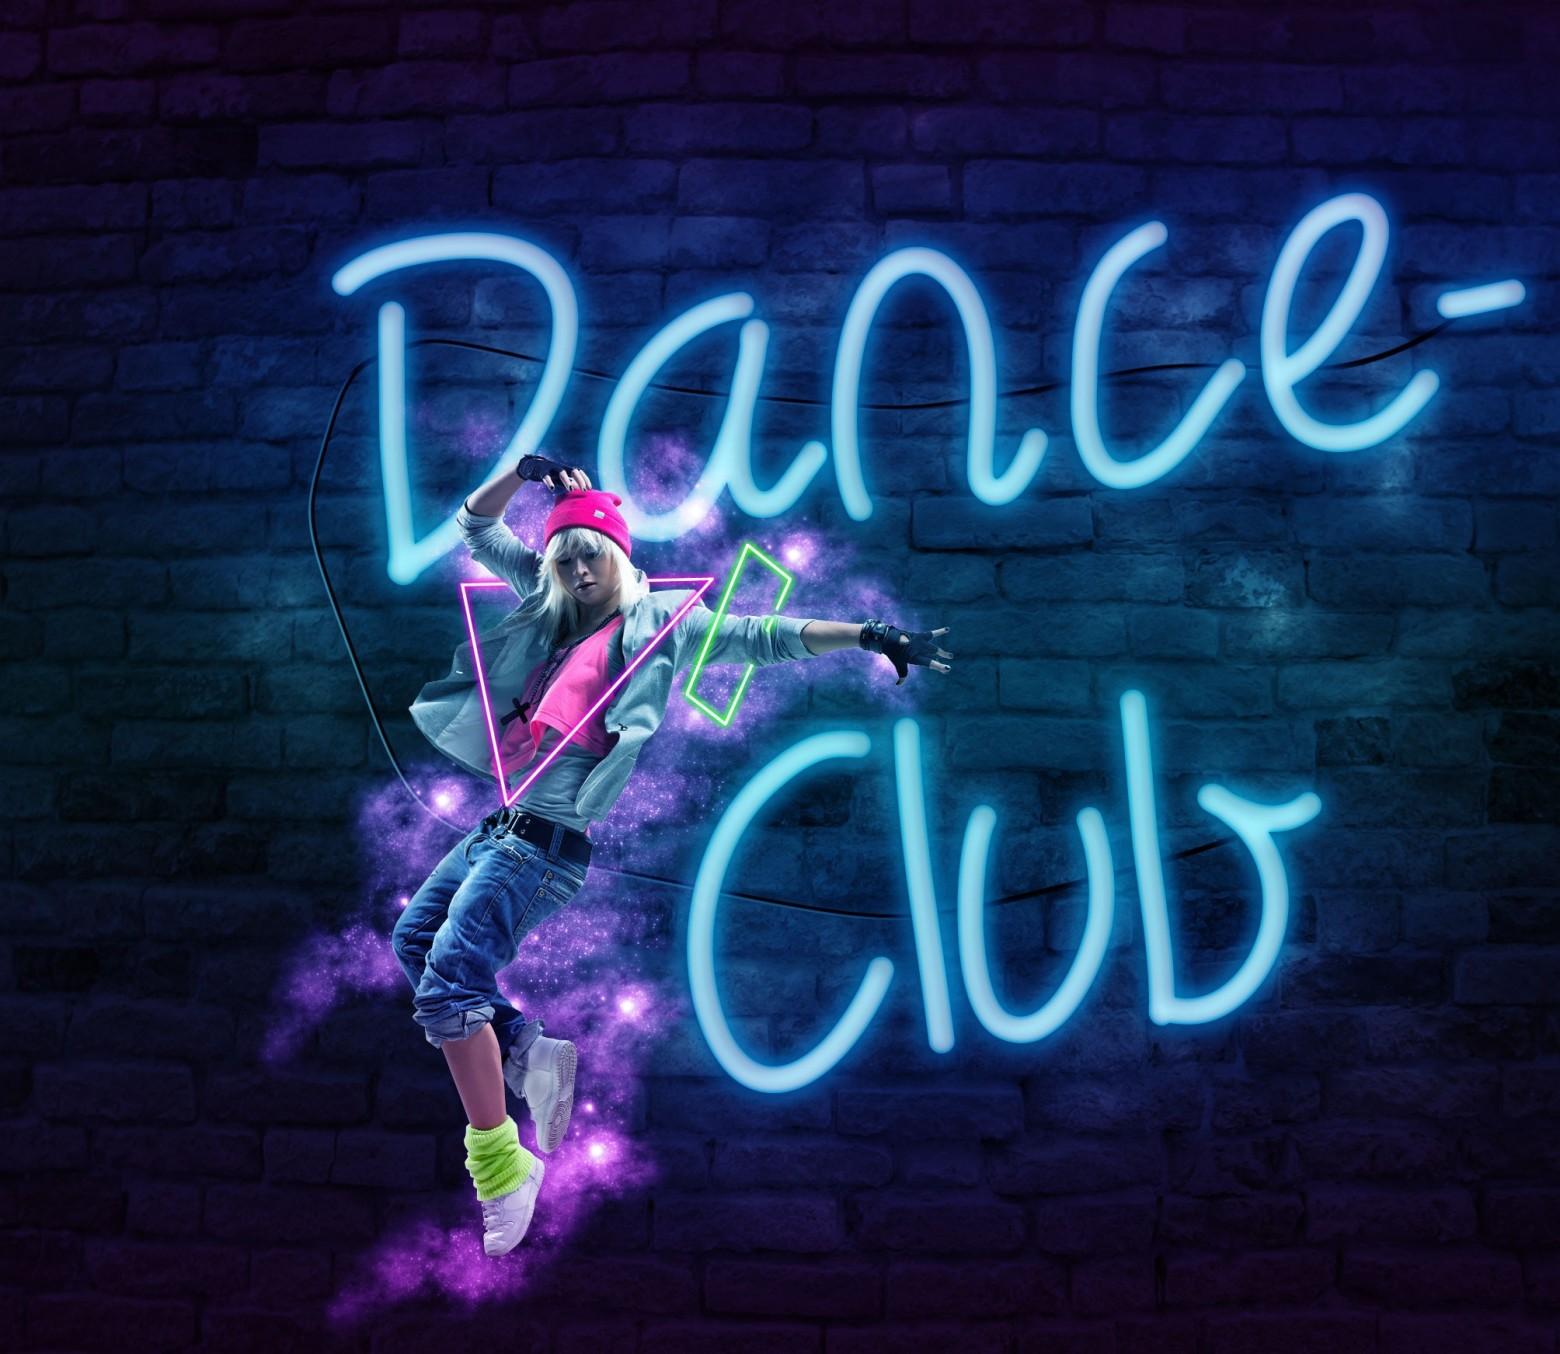 Musique danse animation bal discoth que club photos - Musique danse de salon gratuite ...